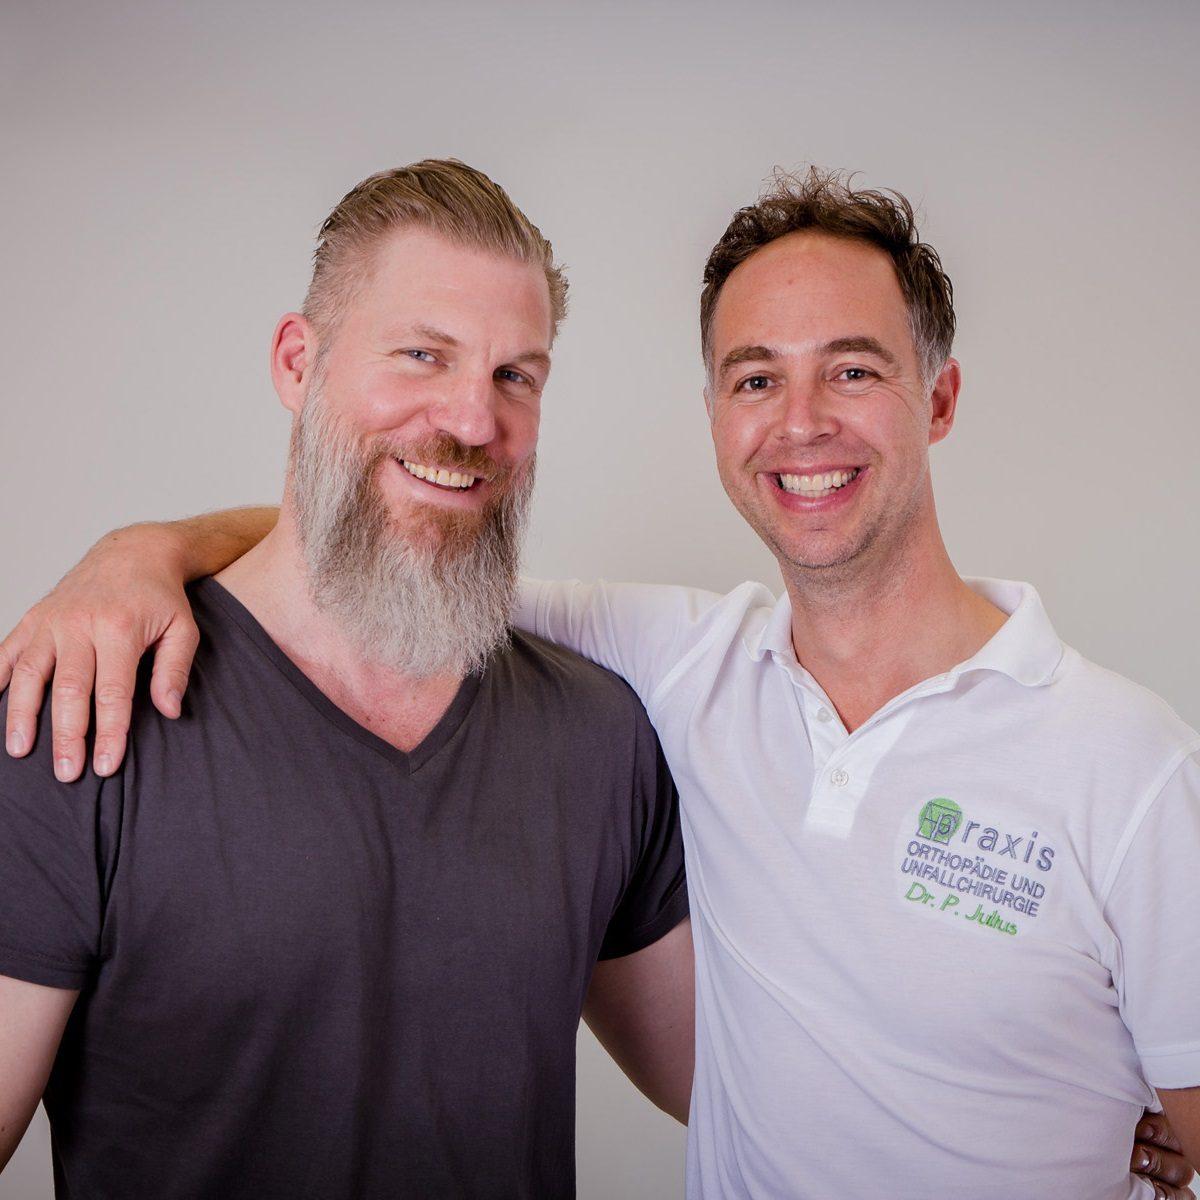 Dr. med. Matthias Manke (links) & Dr. med. Patrick Julius (rechts)